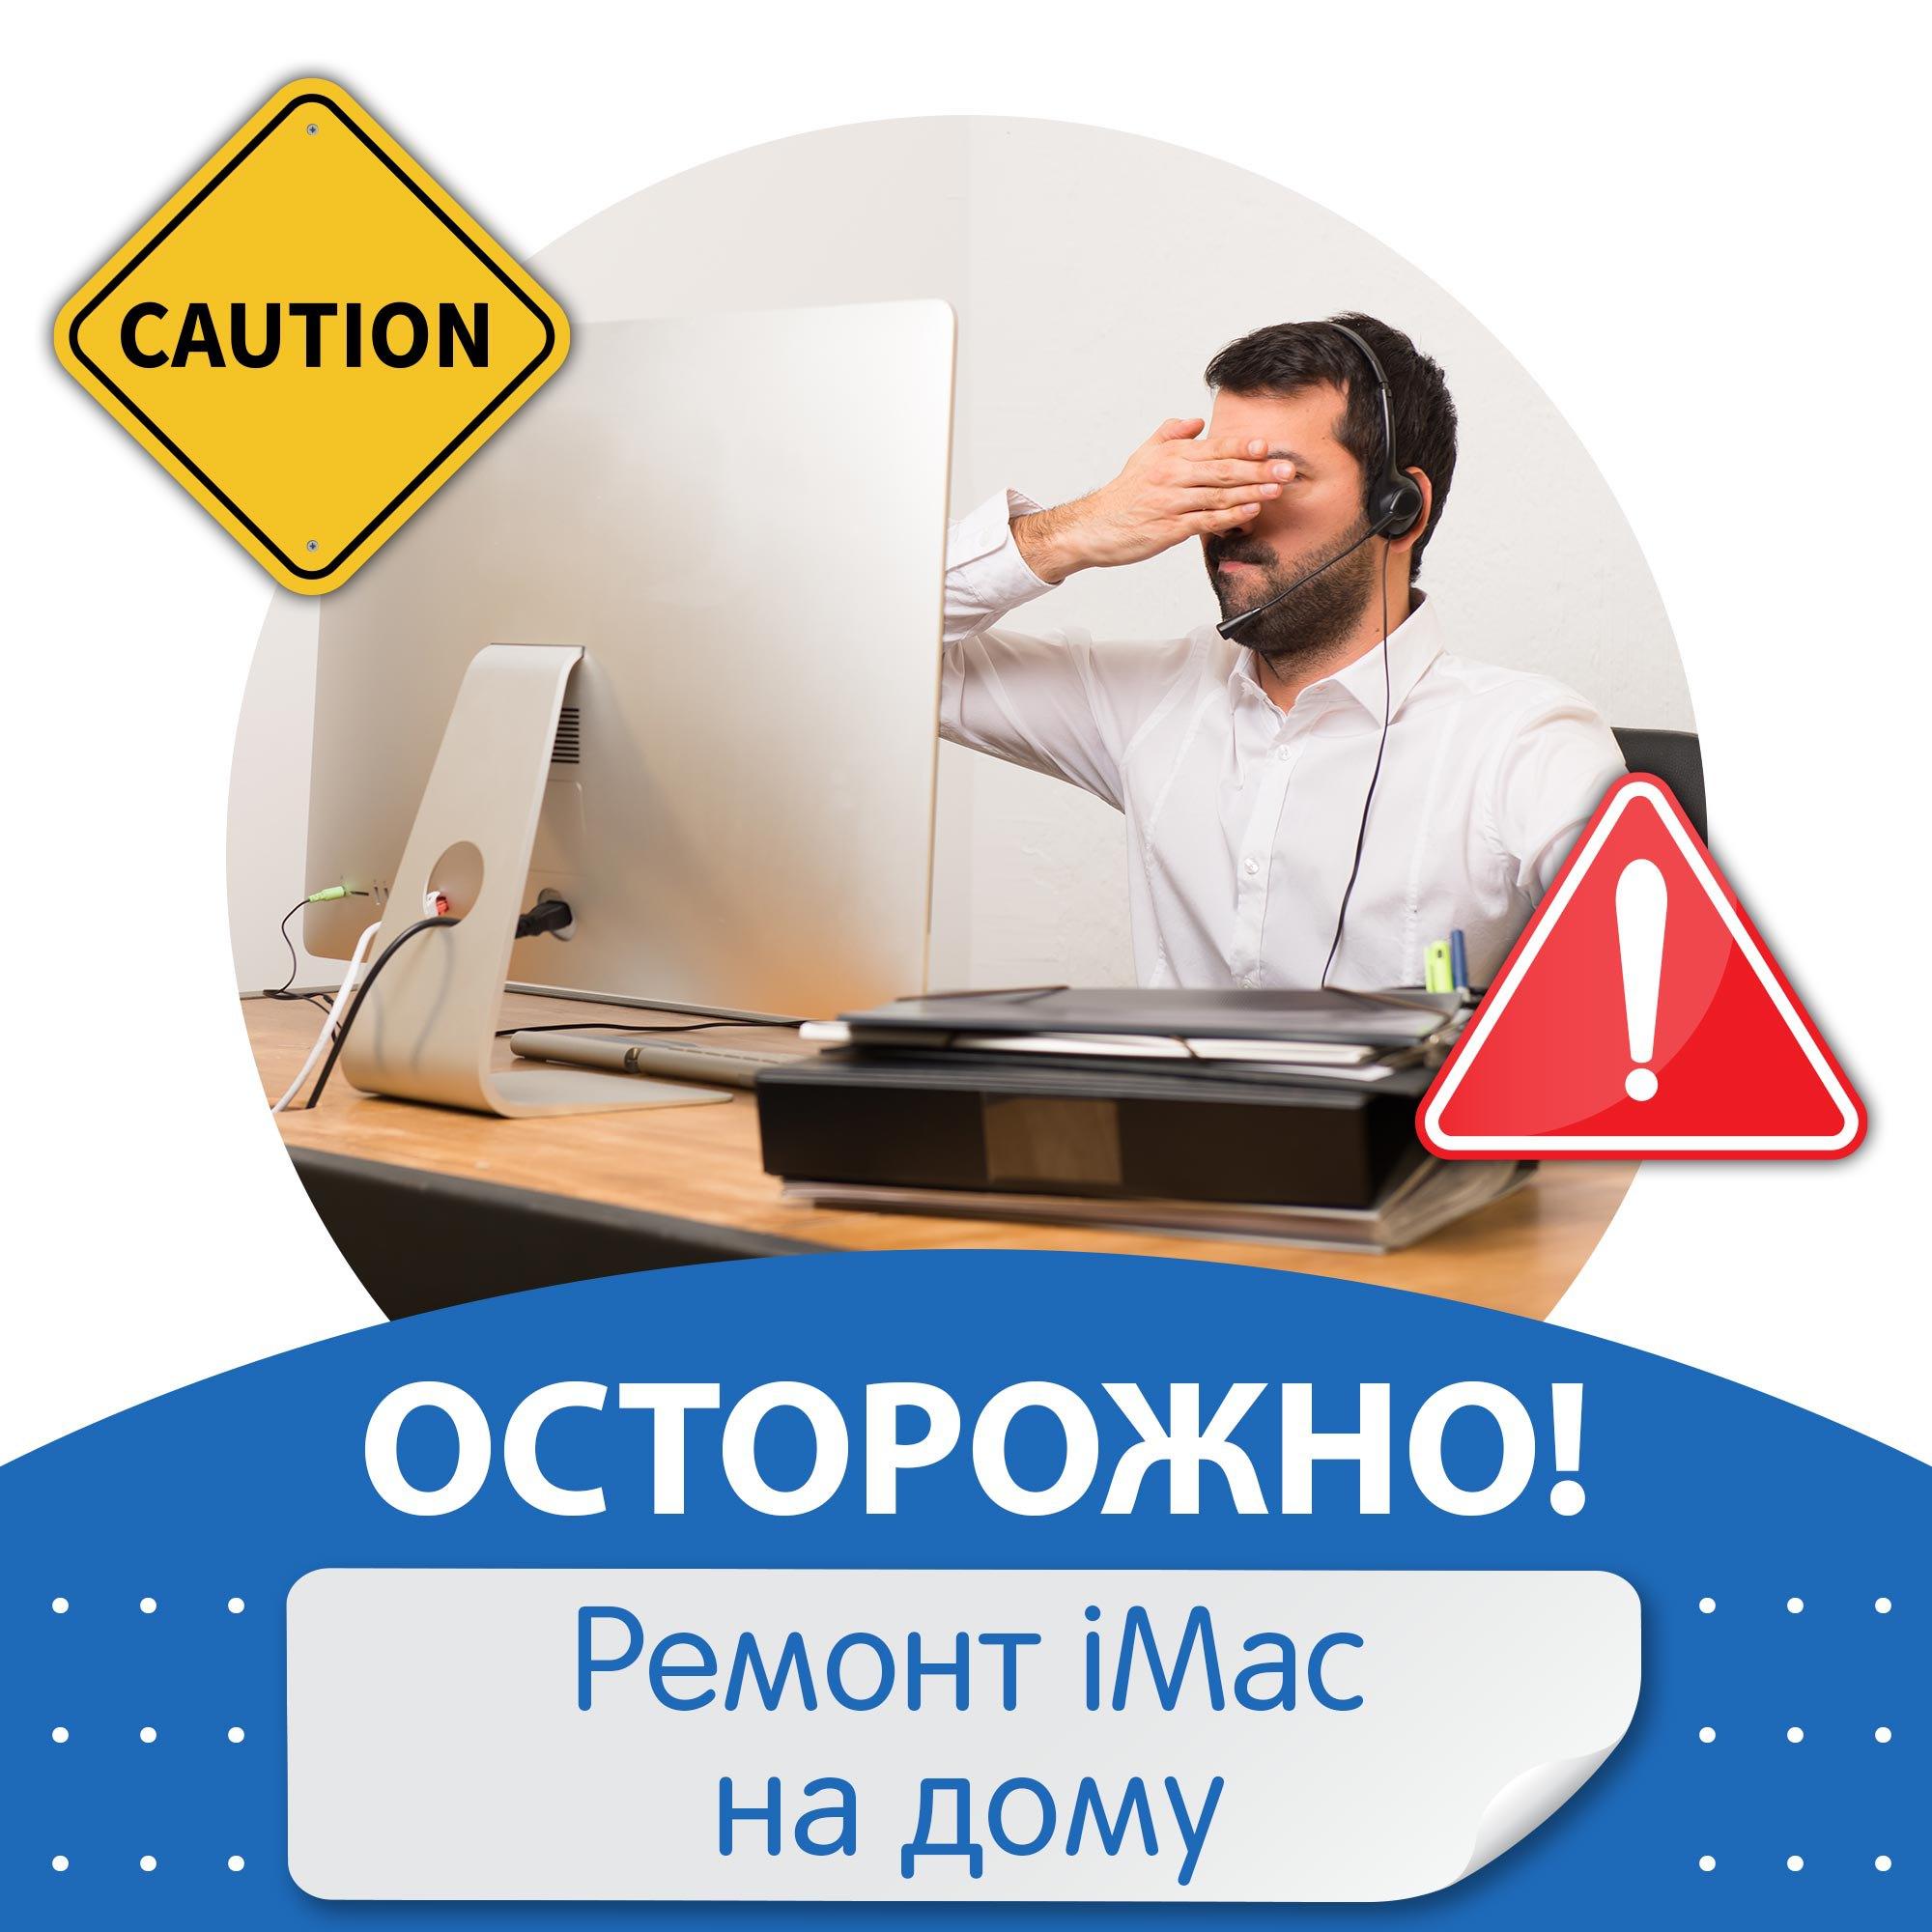 Ремонт iMac на дому